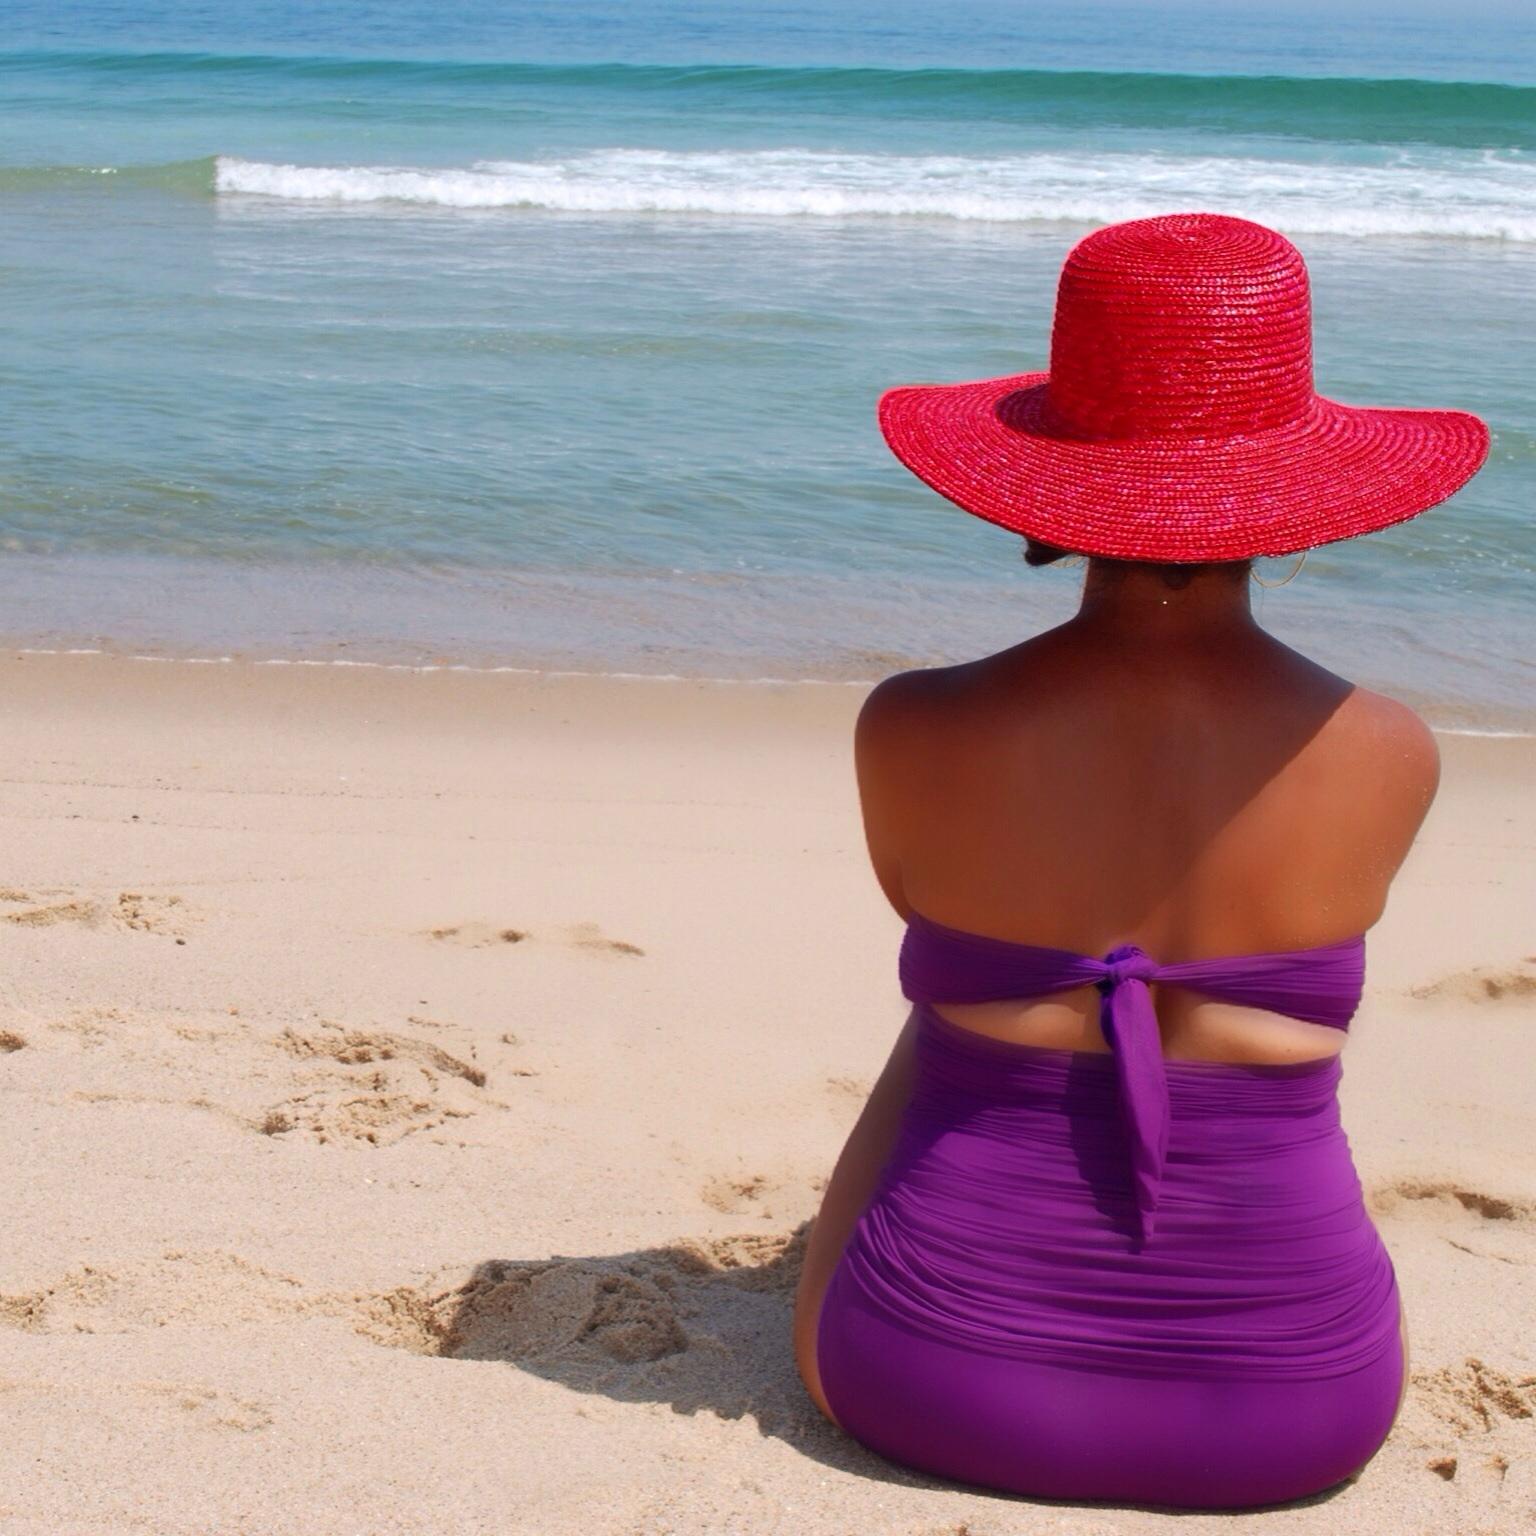 Red beach hat